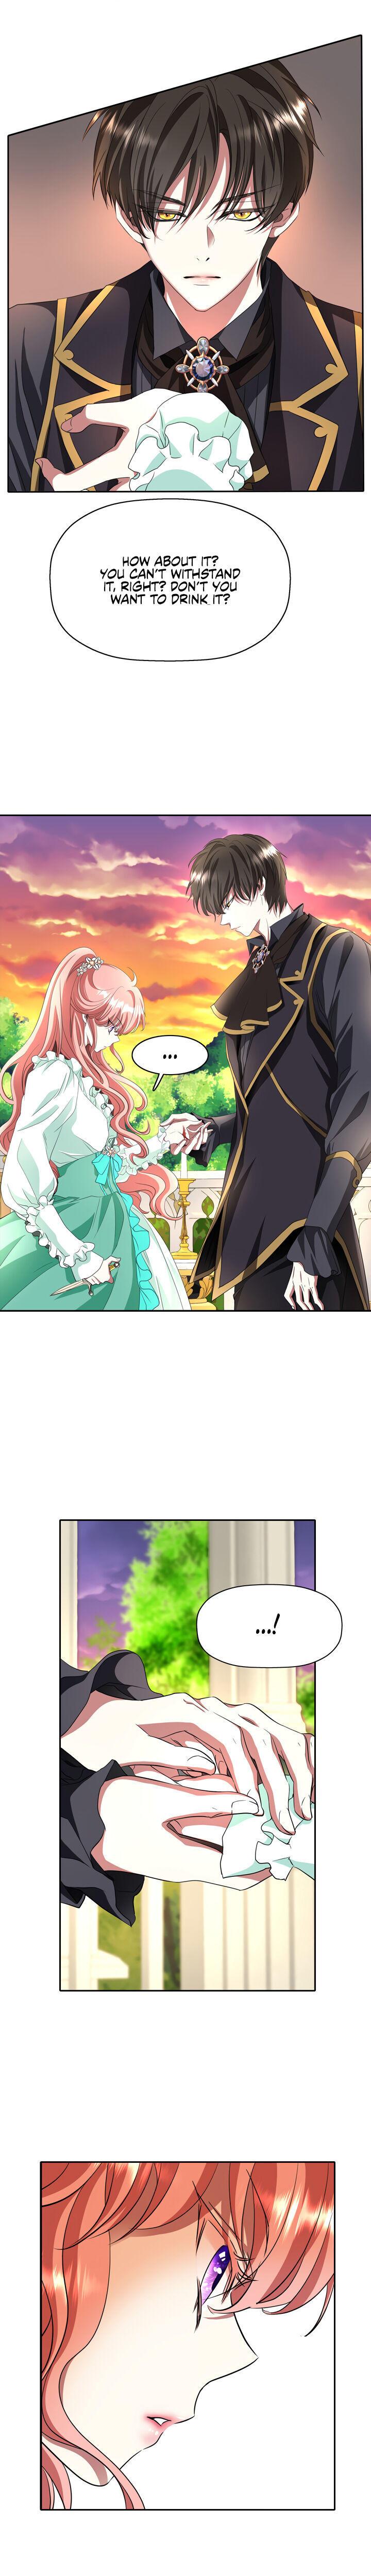 I'M A Killer But I'M Thinking Of Living As A Princess Chapter 12 page 4 - Mangakakalots.com